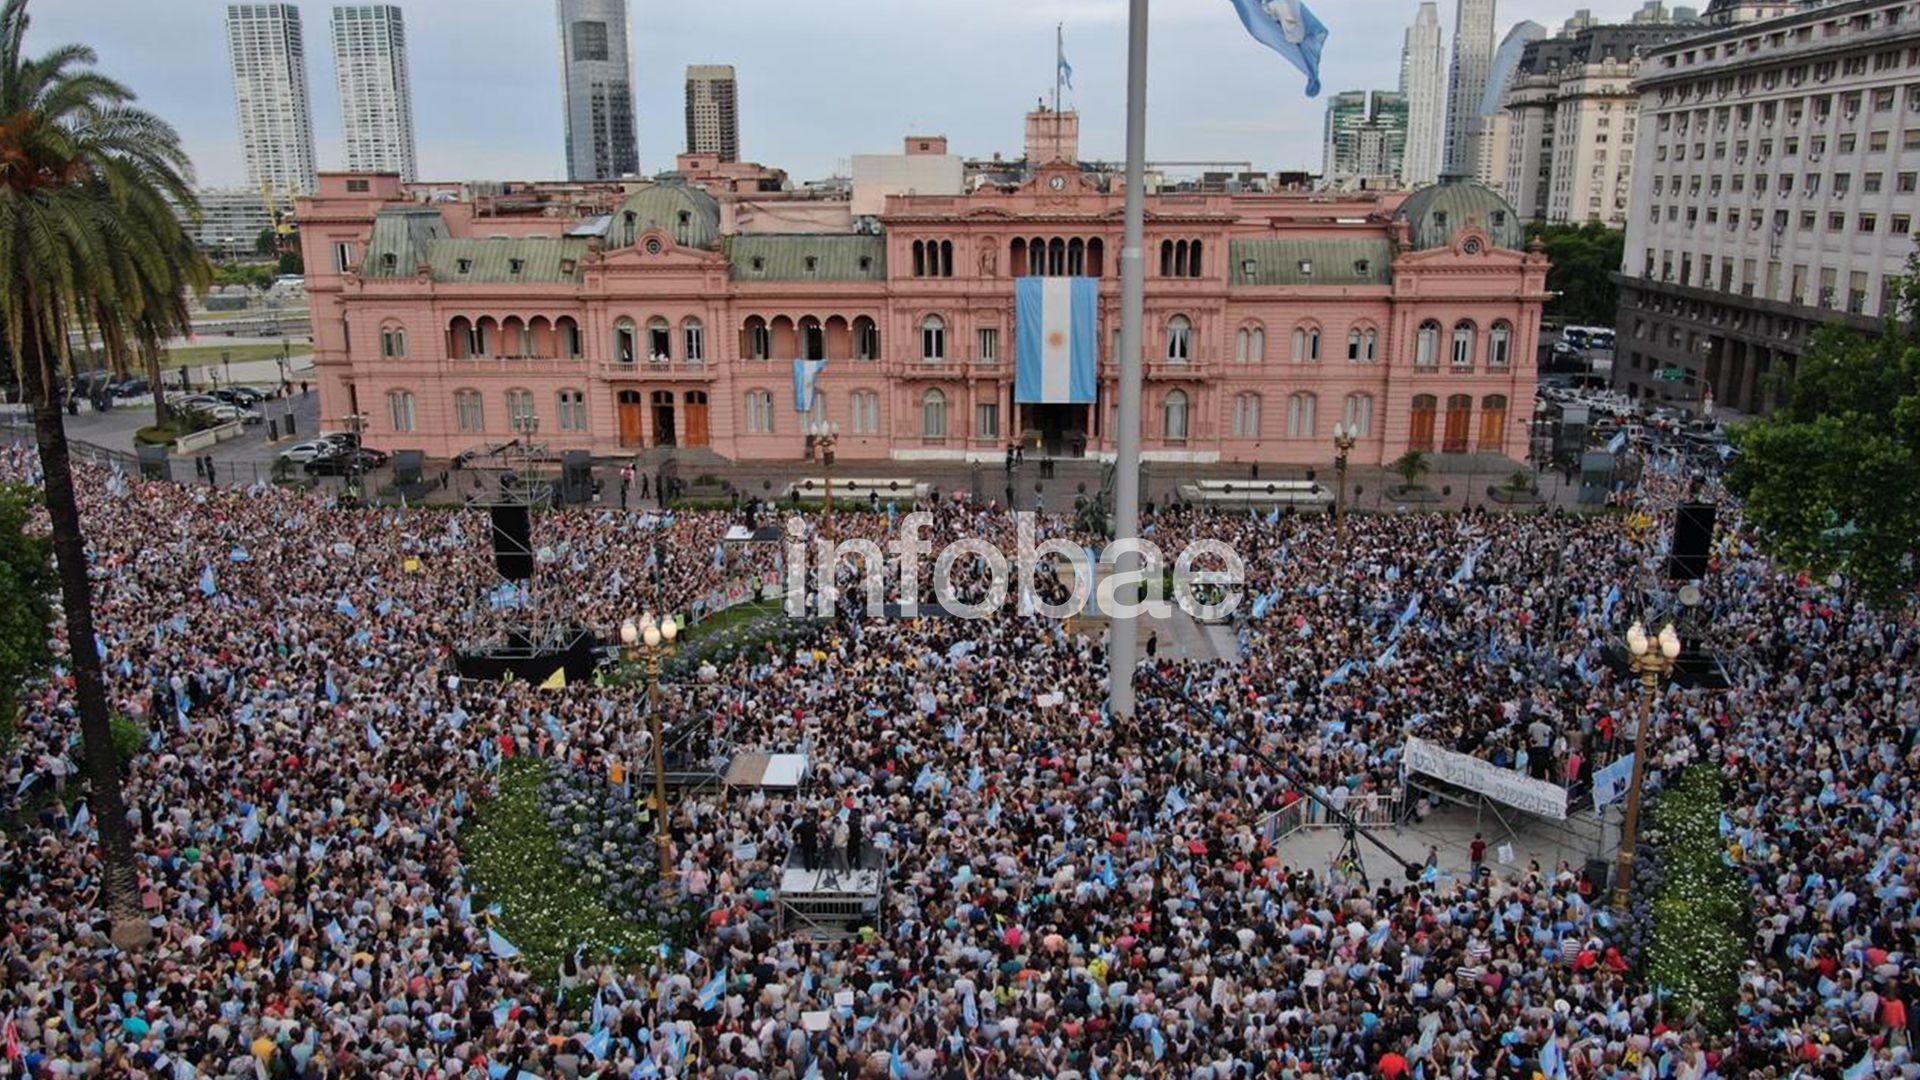 La despedida a Macri del poder. (Thomas Khazki)